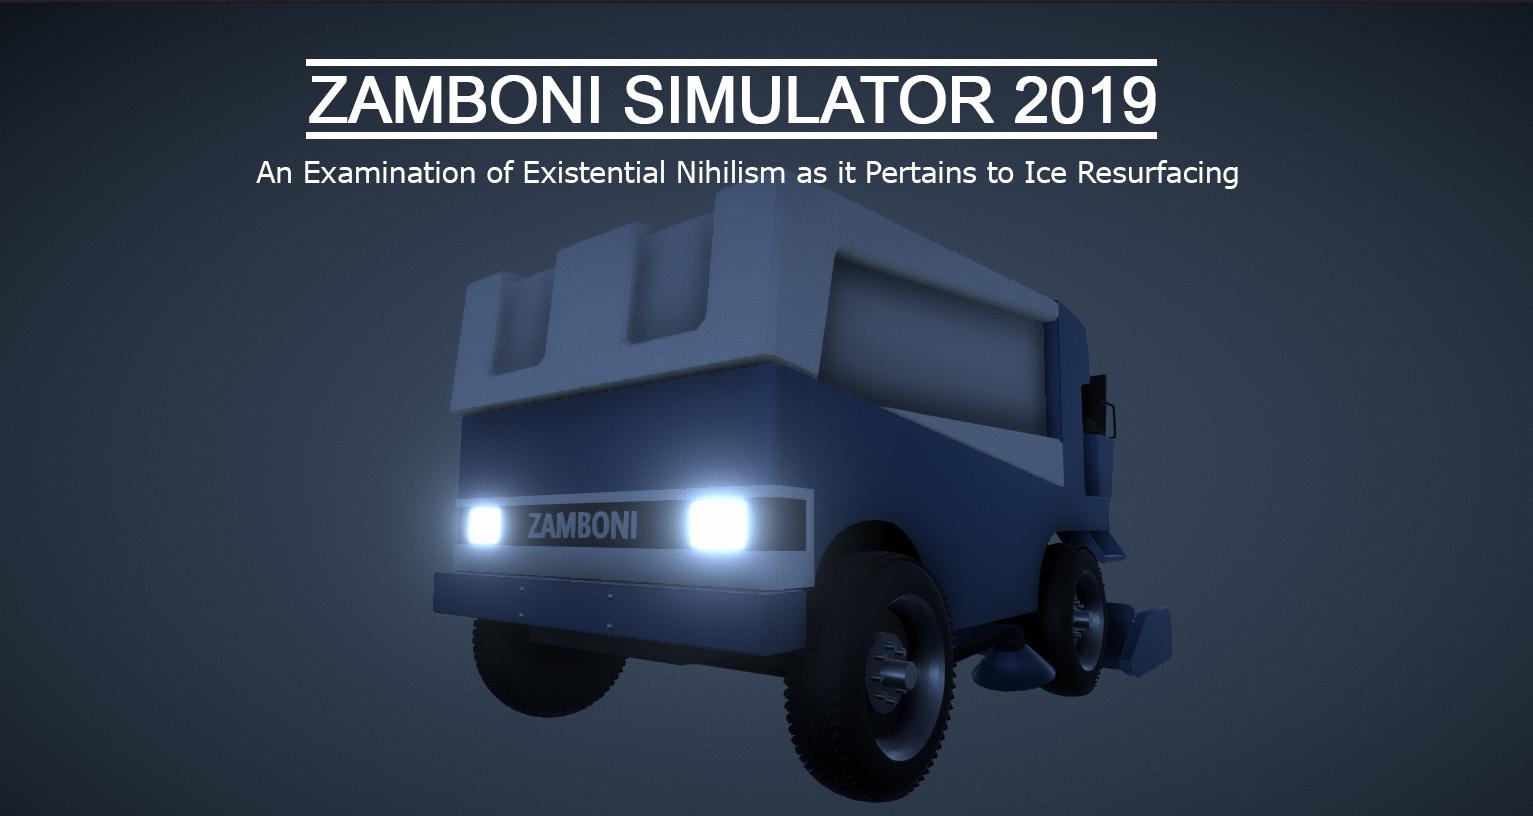 Zamboni Simulator 2019 by Marmot Games